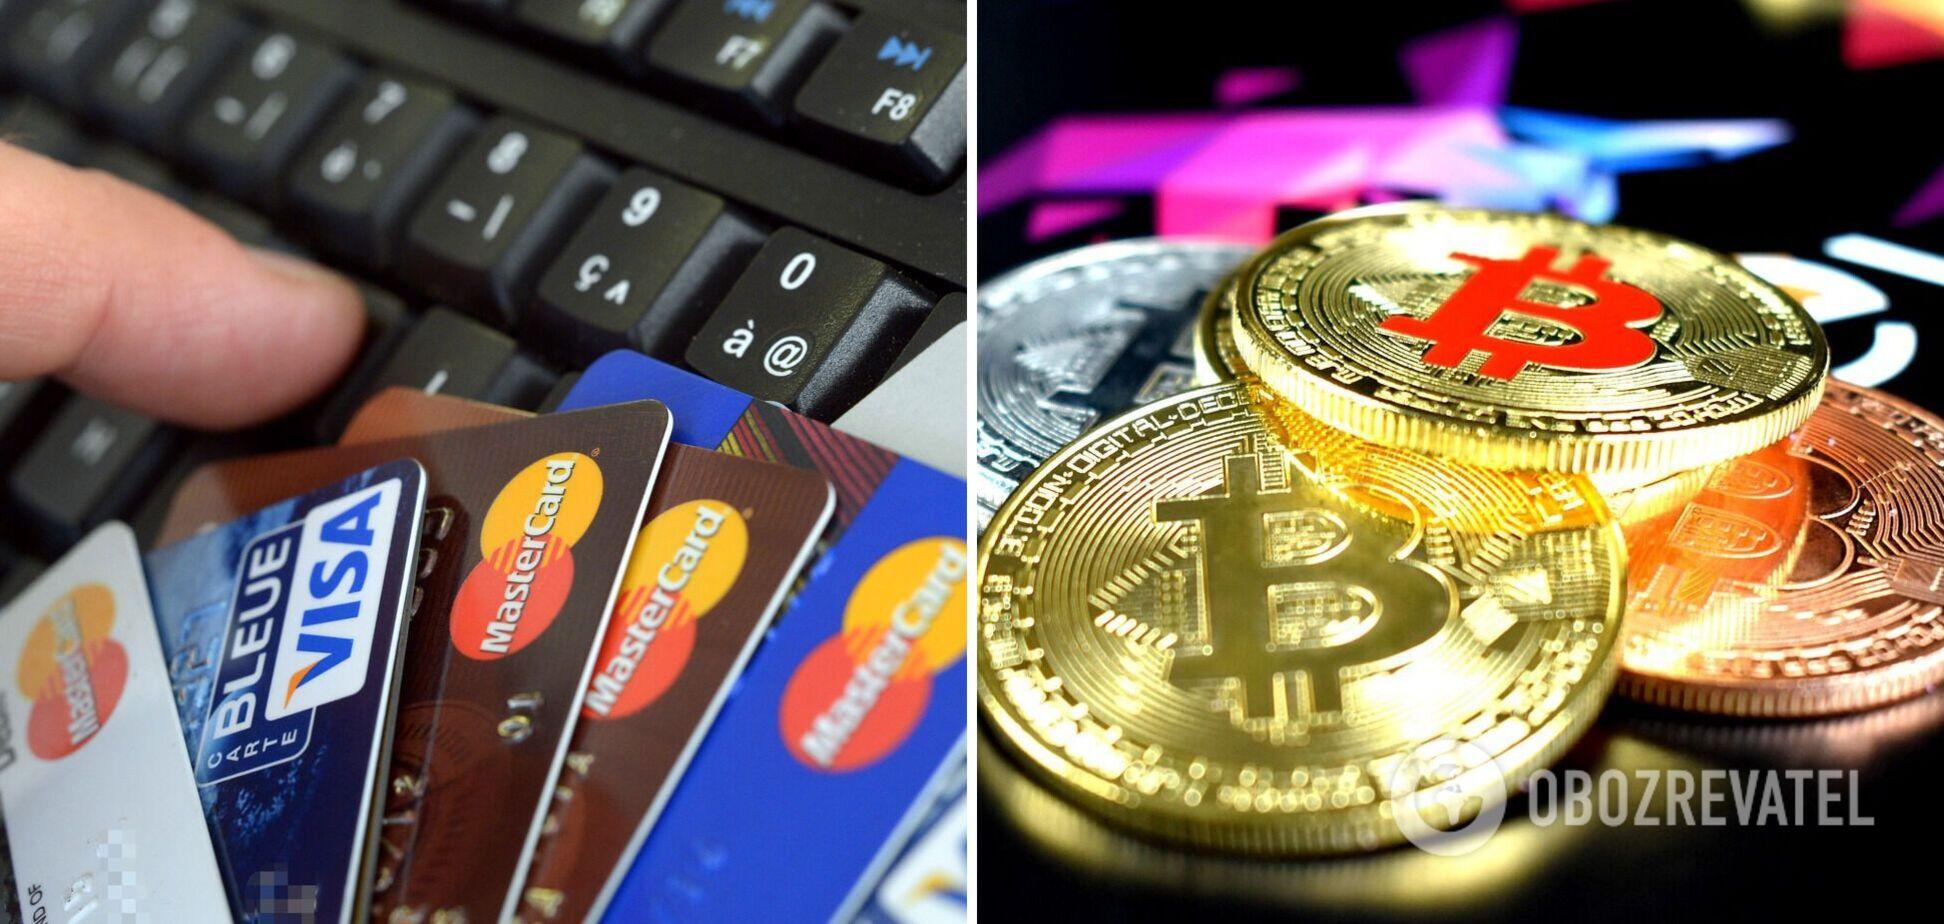 НБУ не дозволяє банкам випускати картки в криптовалюті